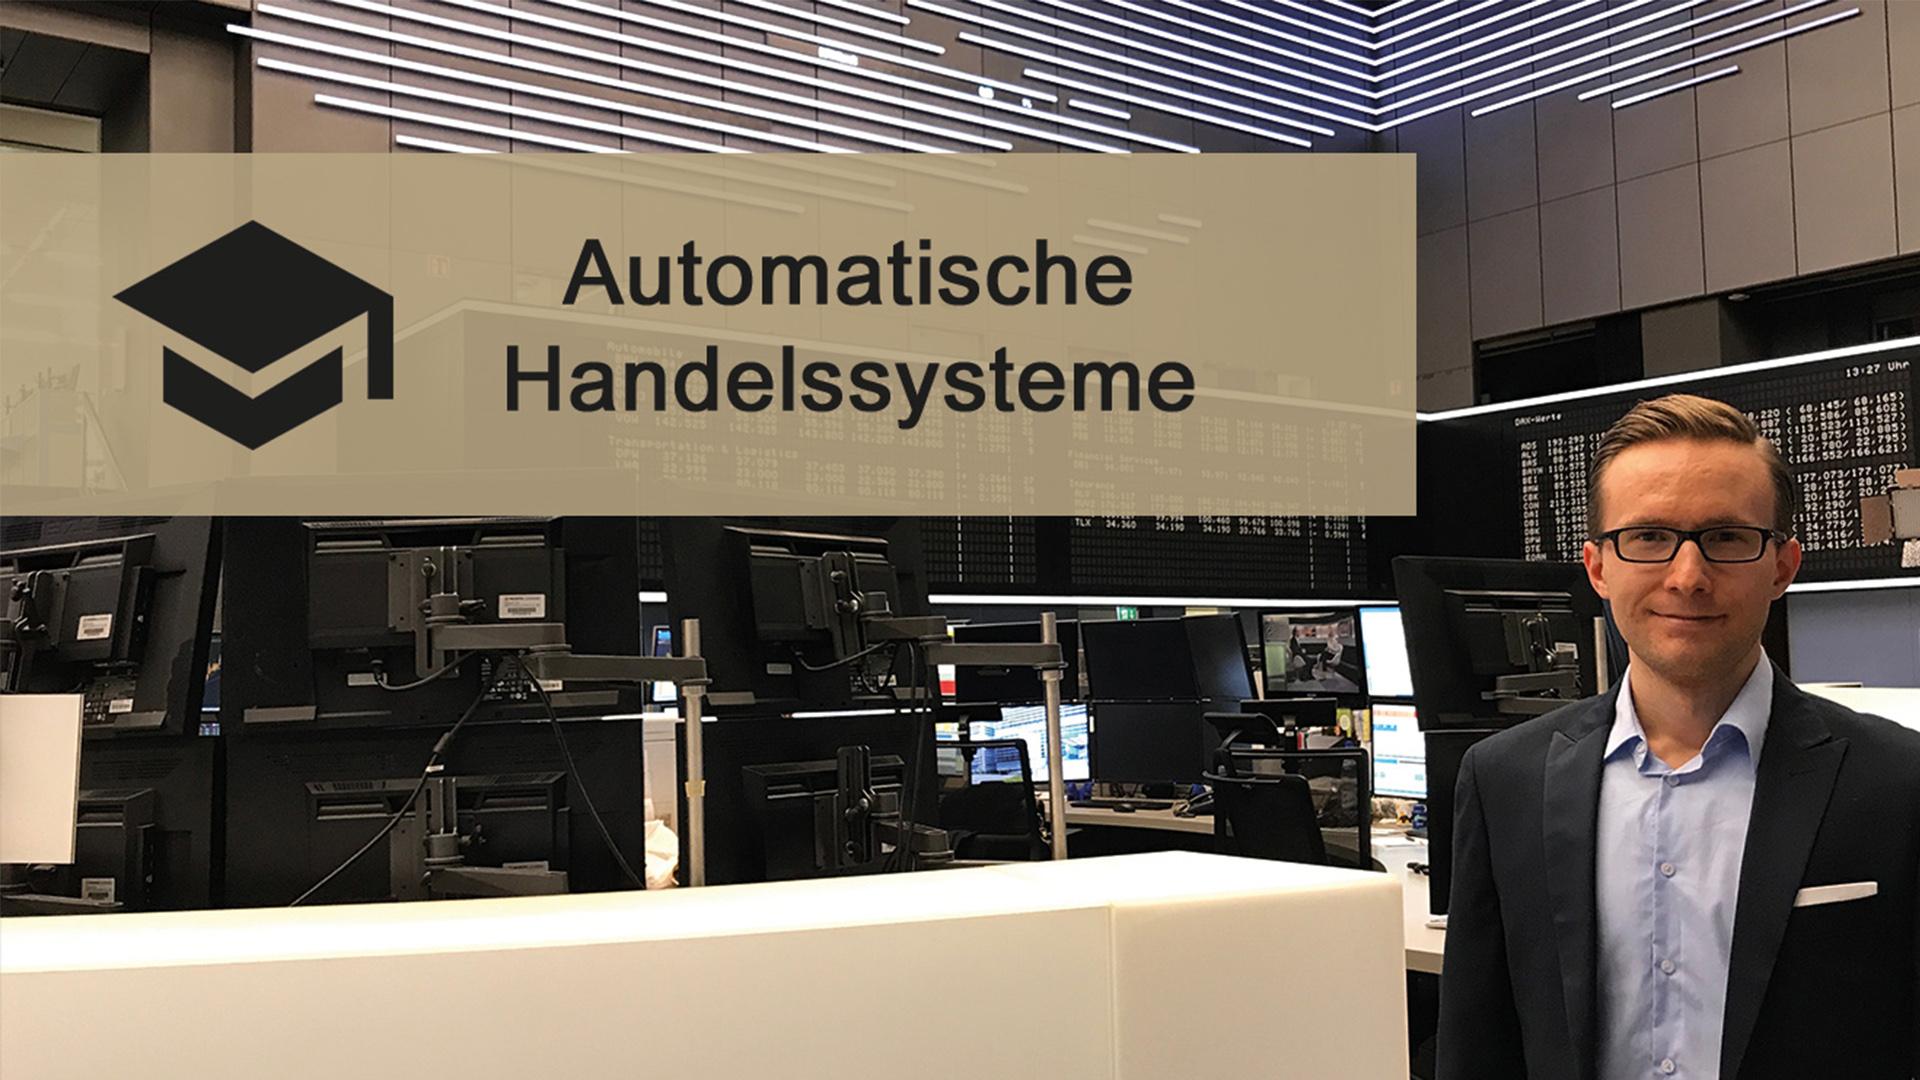 Automatische Handelssysteme: Barthel Invest e.K.